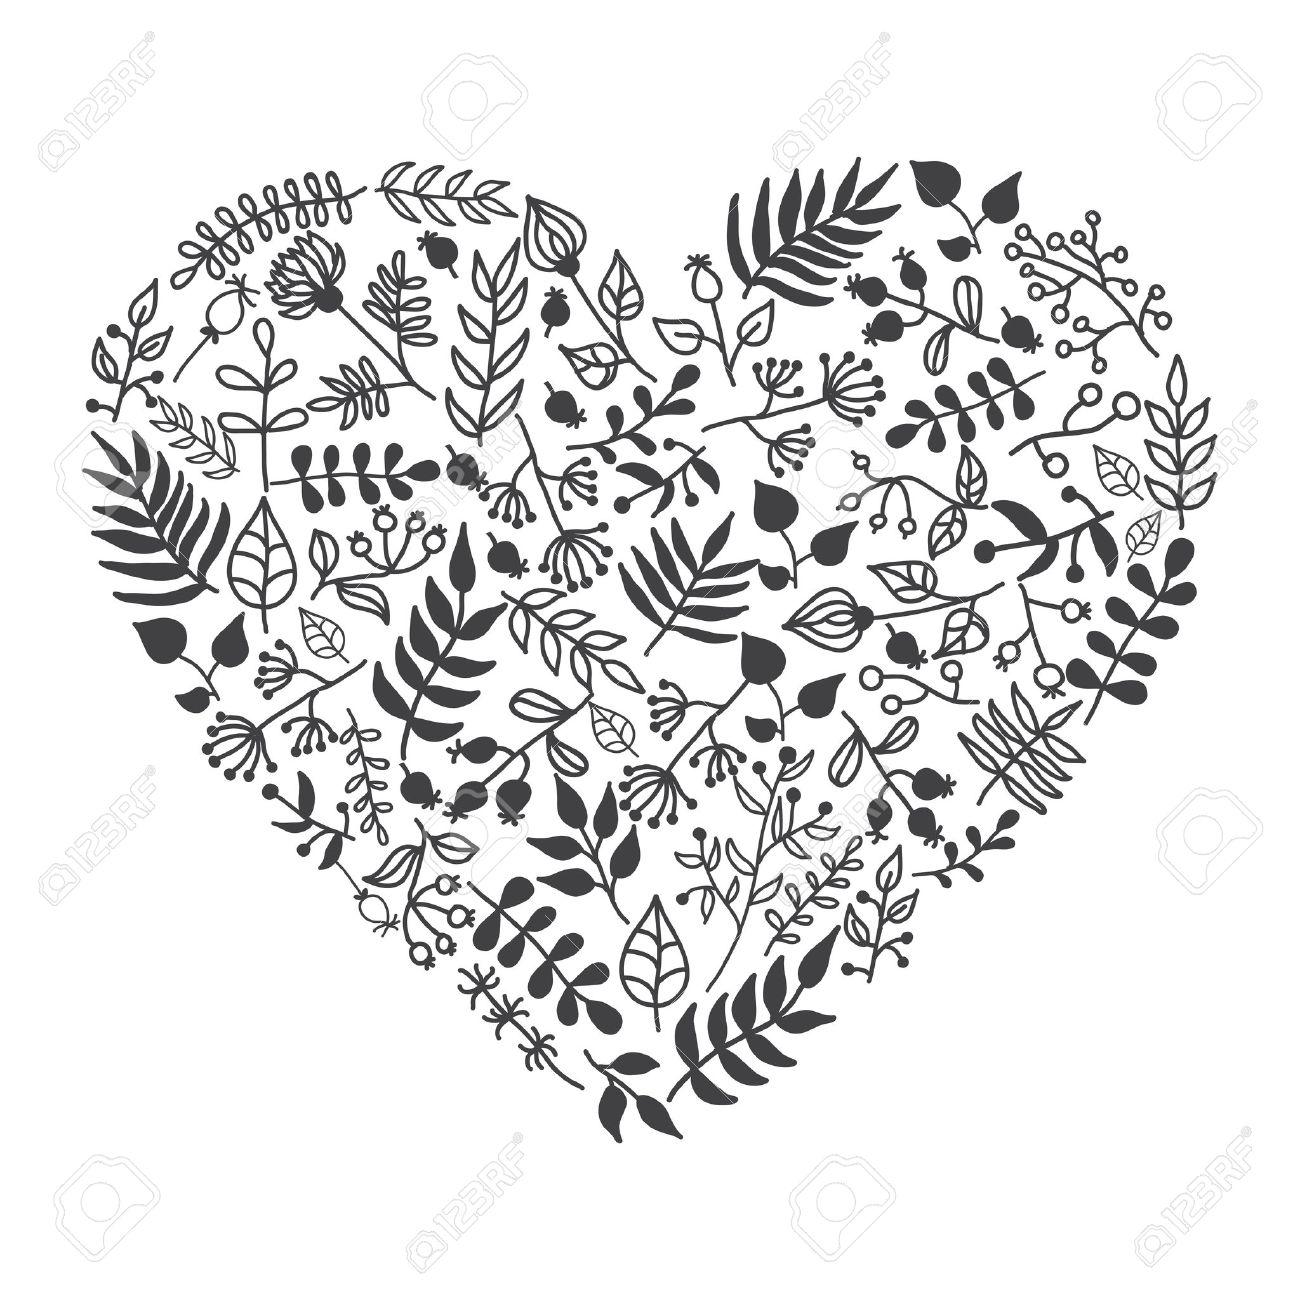 ベクトル素朴なお花のハート形のイラスト手描きで結婚式の招待状の